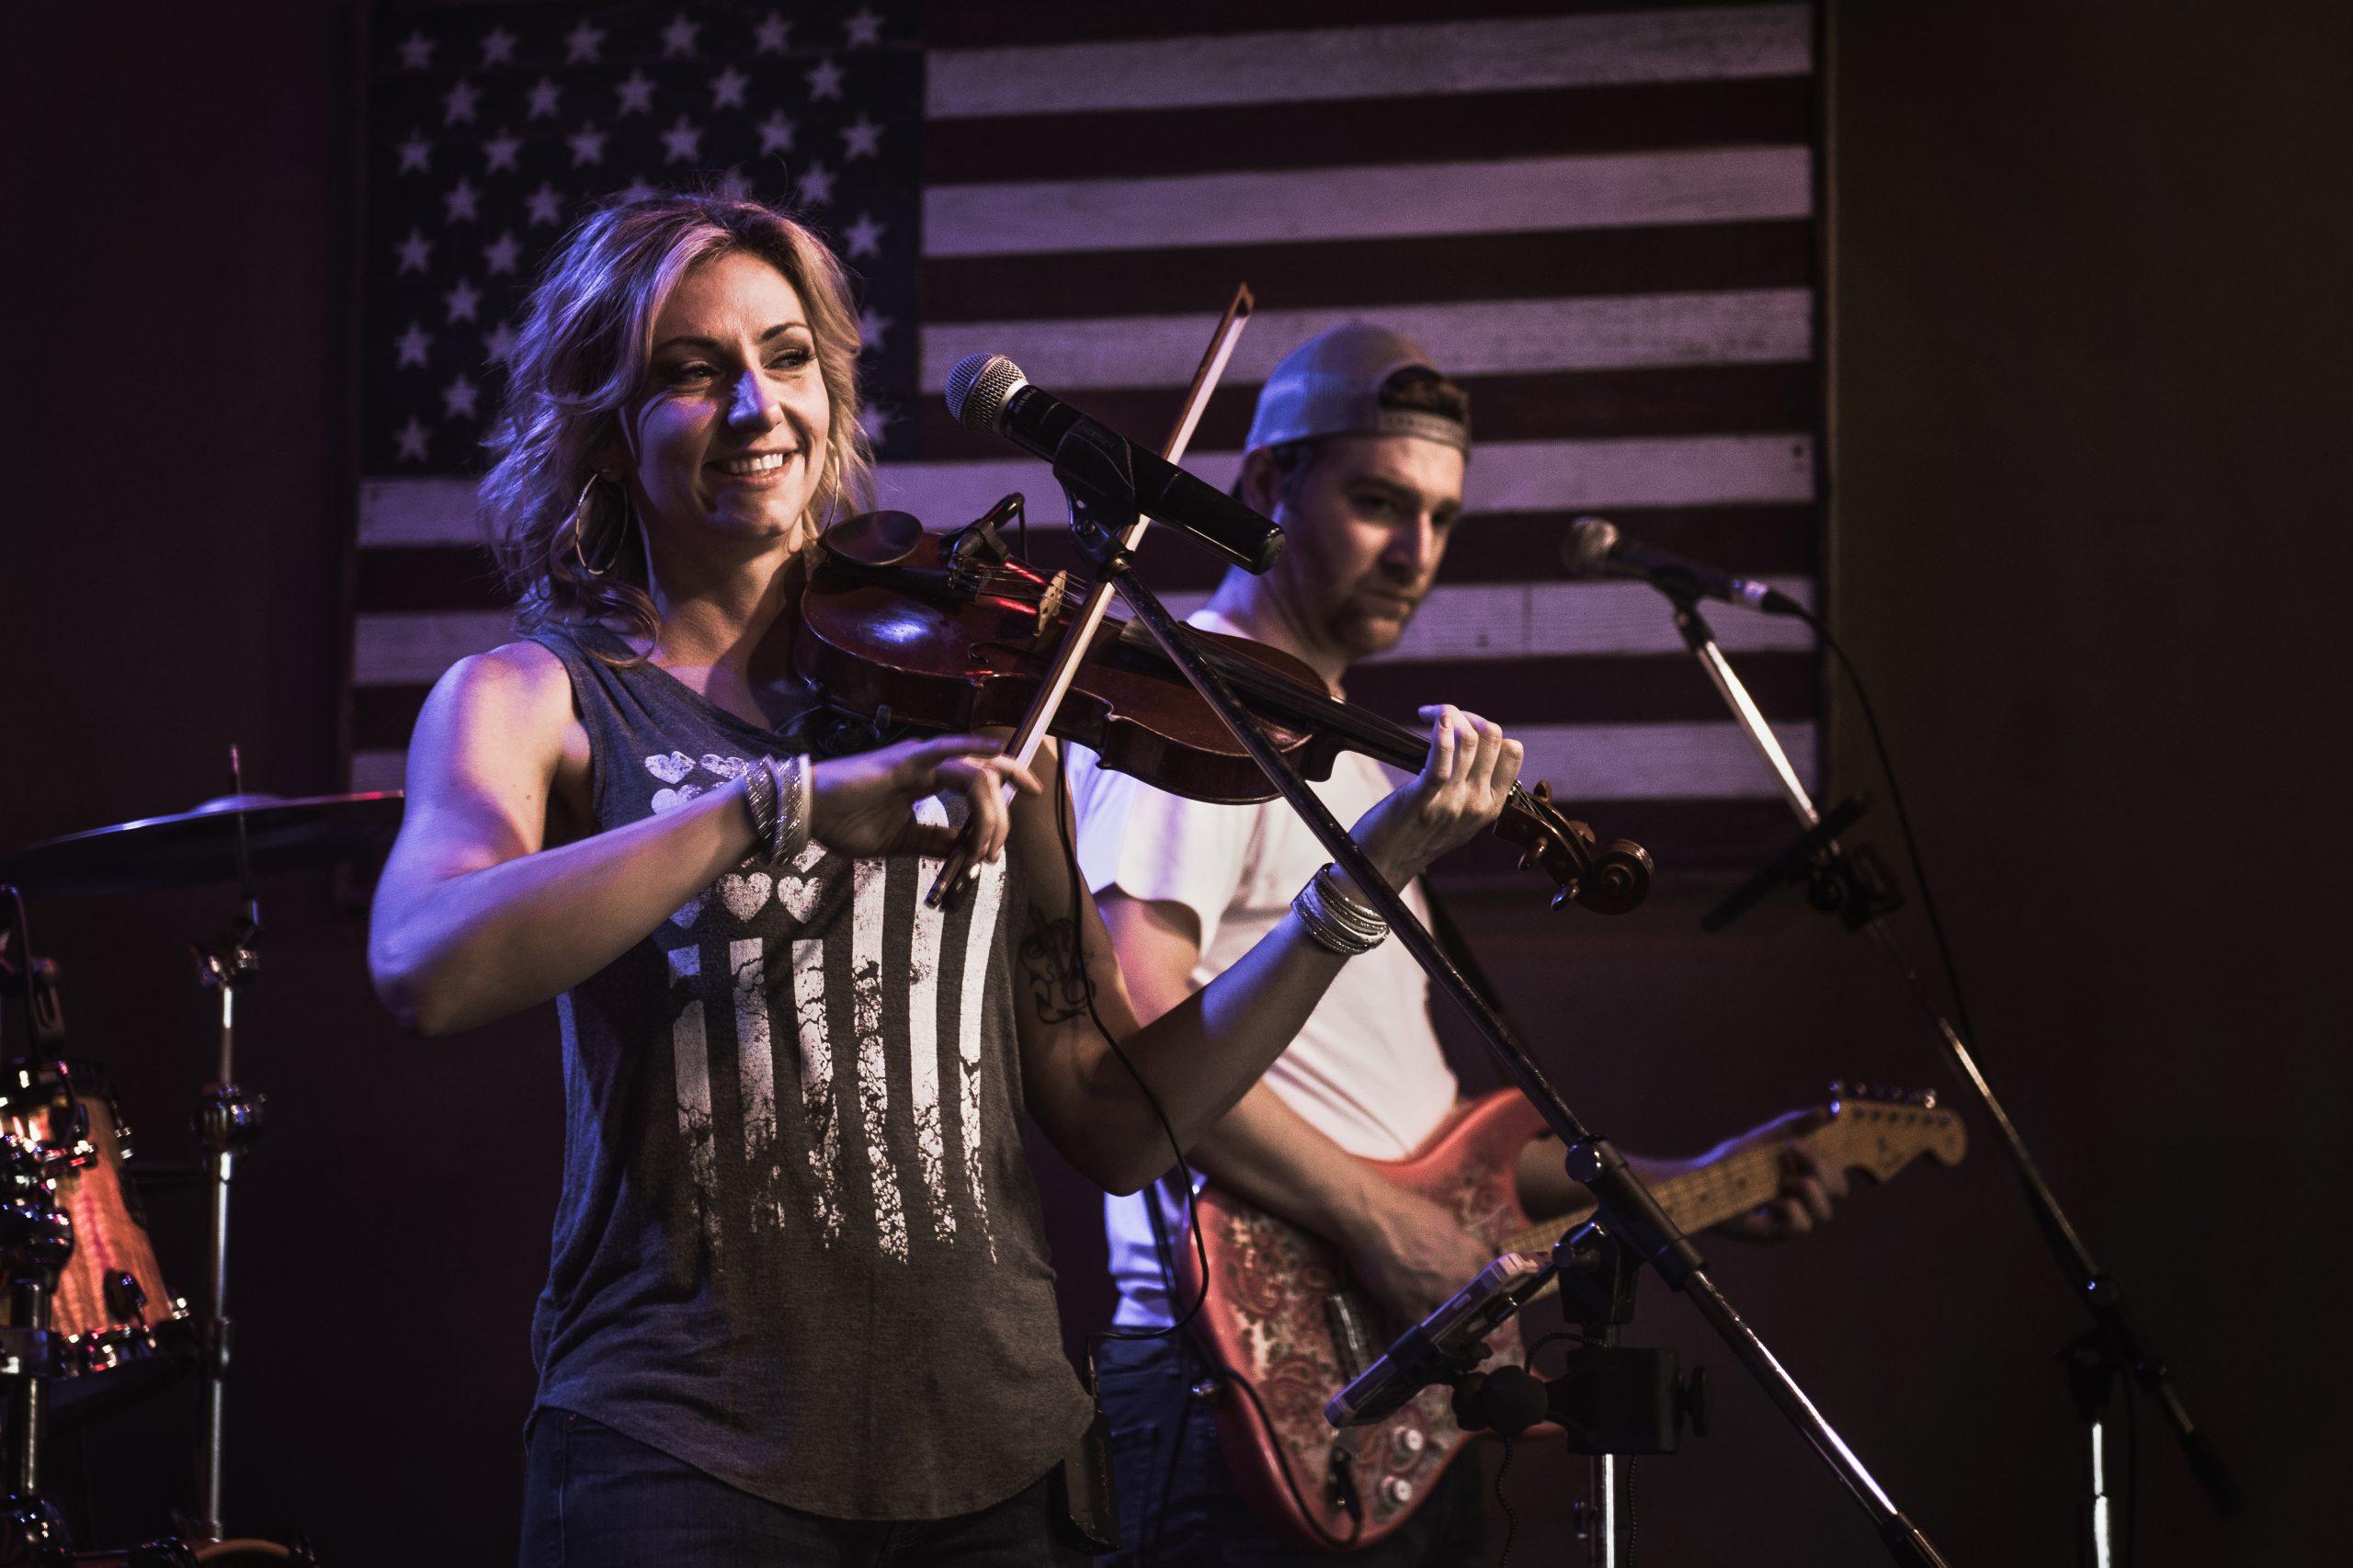 woman performing playing violin